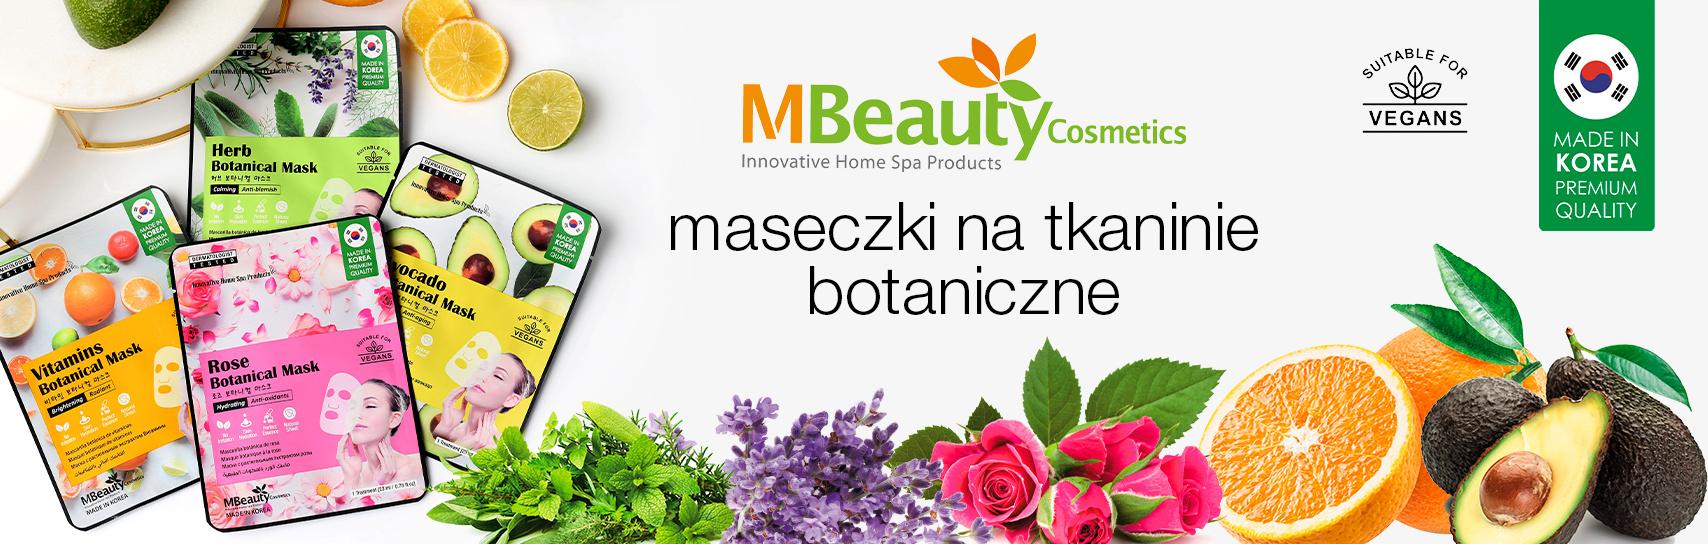 [MBeauty - maseczki botaniczne - produkty]